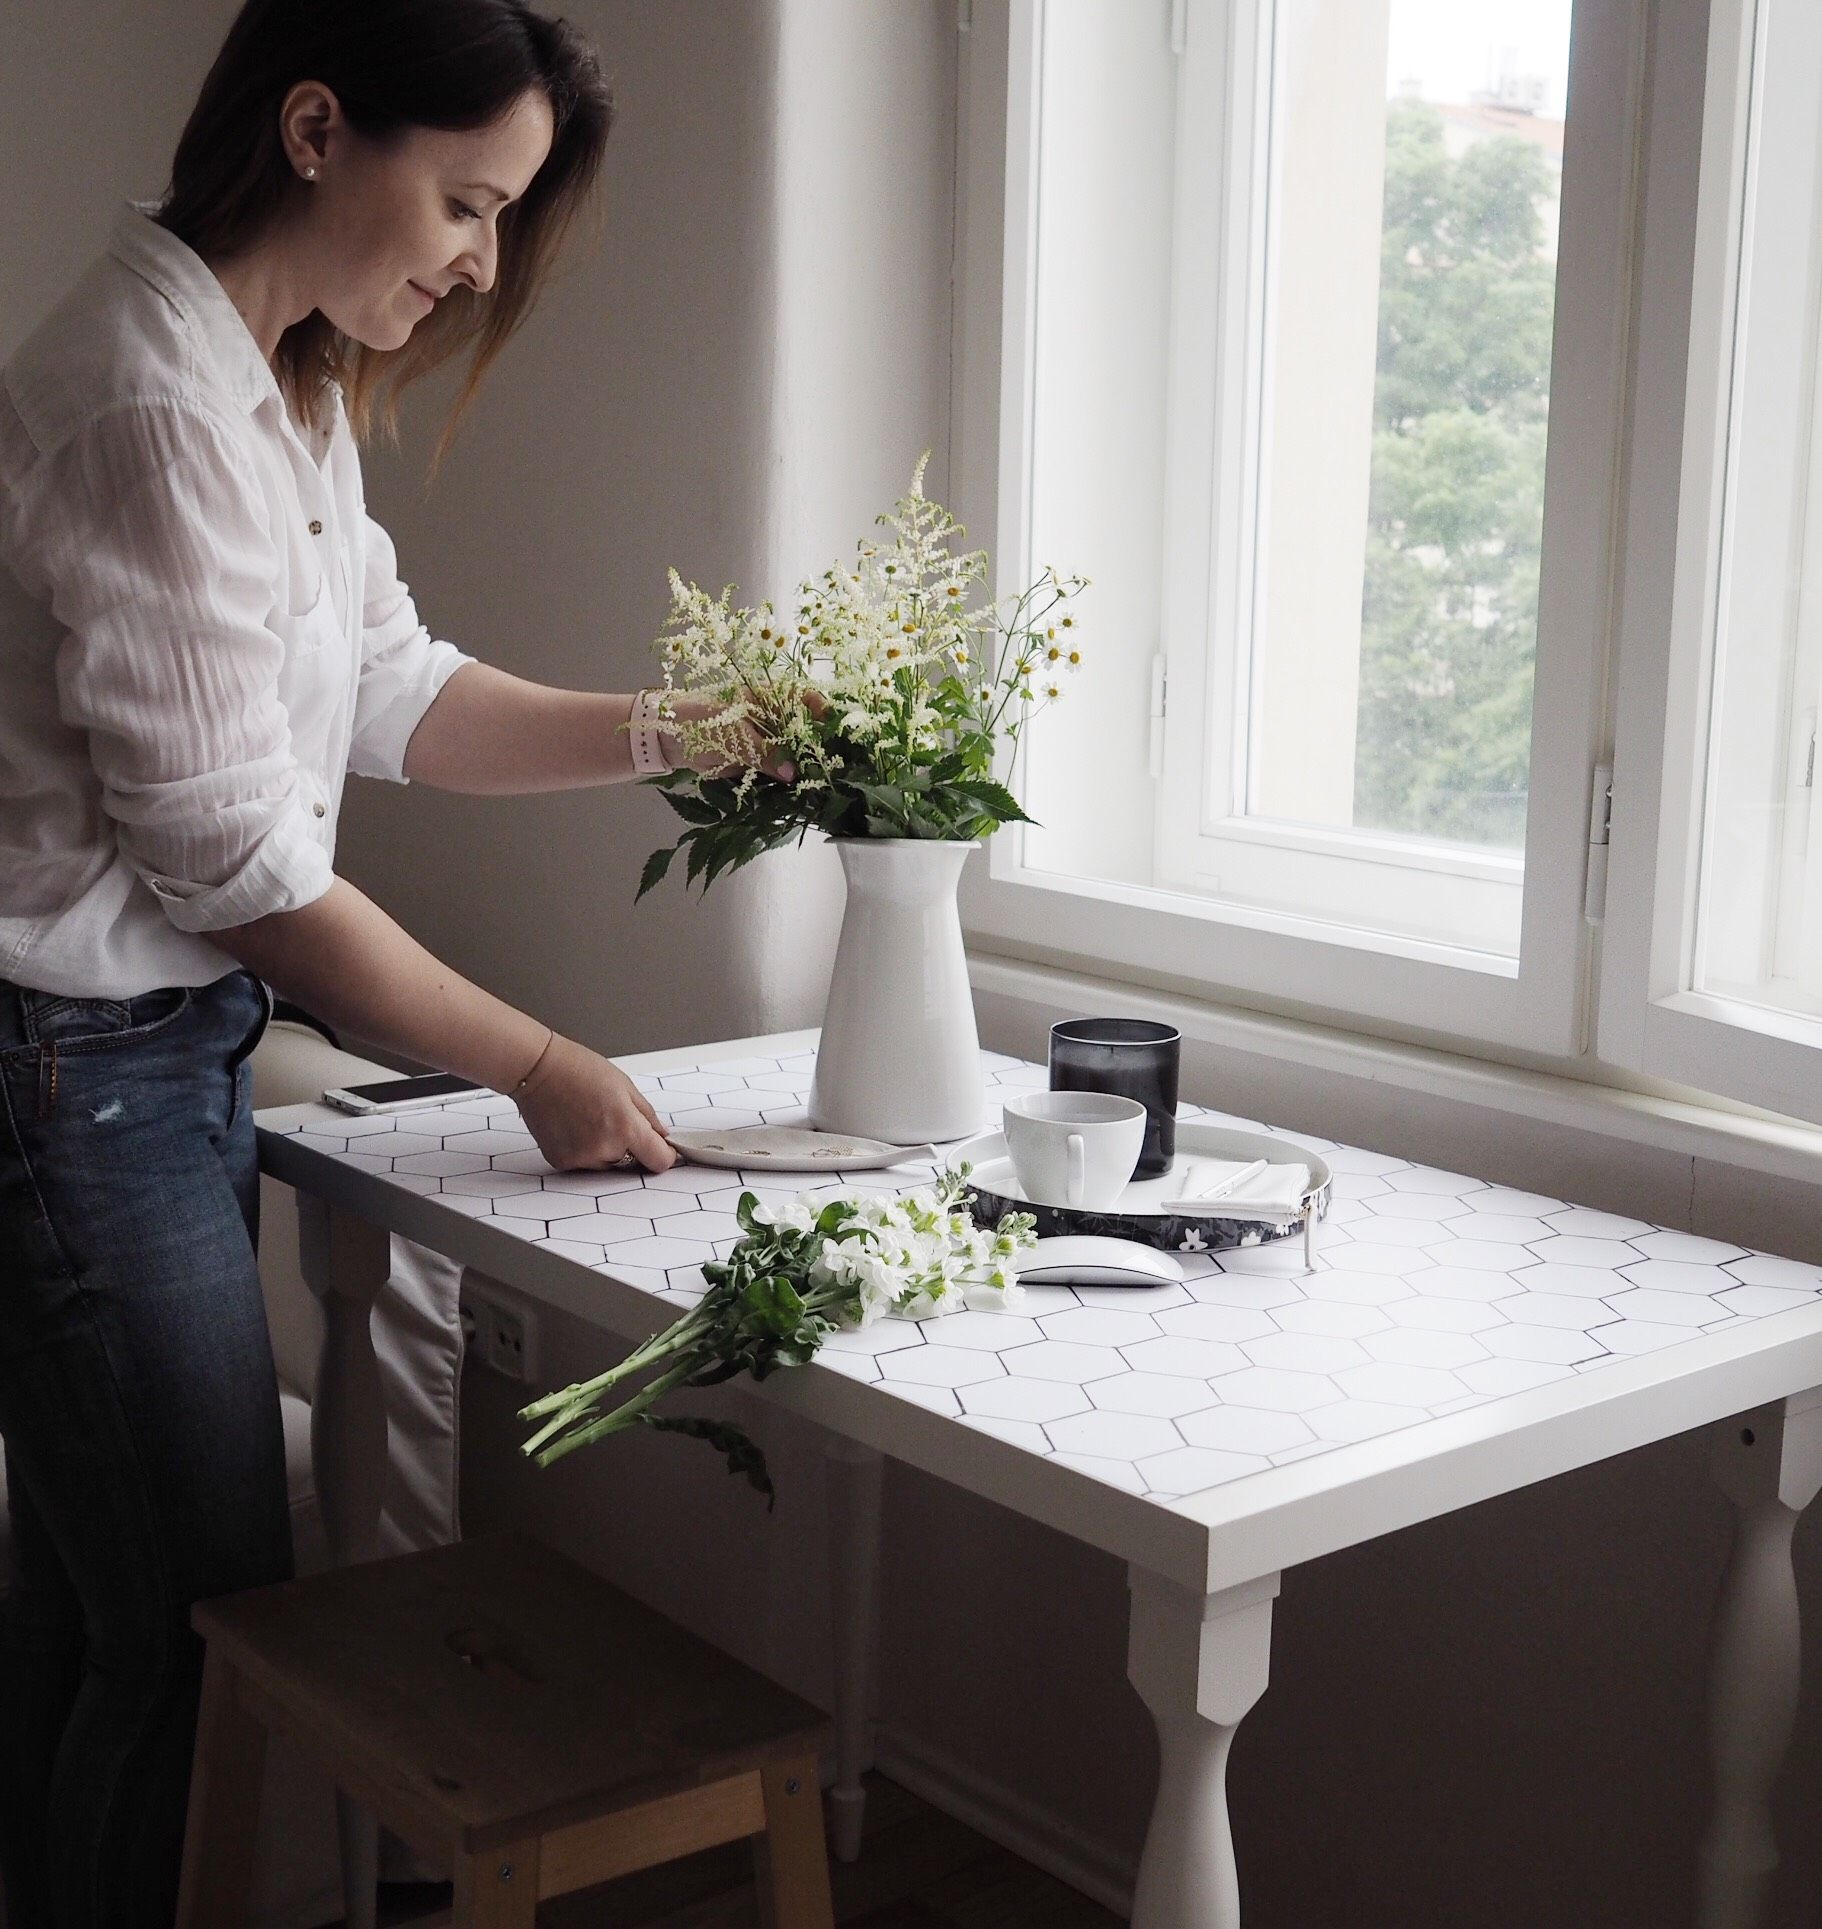 Květuše Vašířová připravuje flatlay fotku pro Instagram